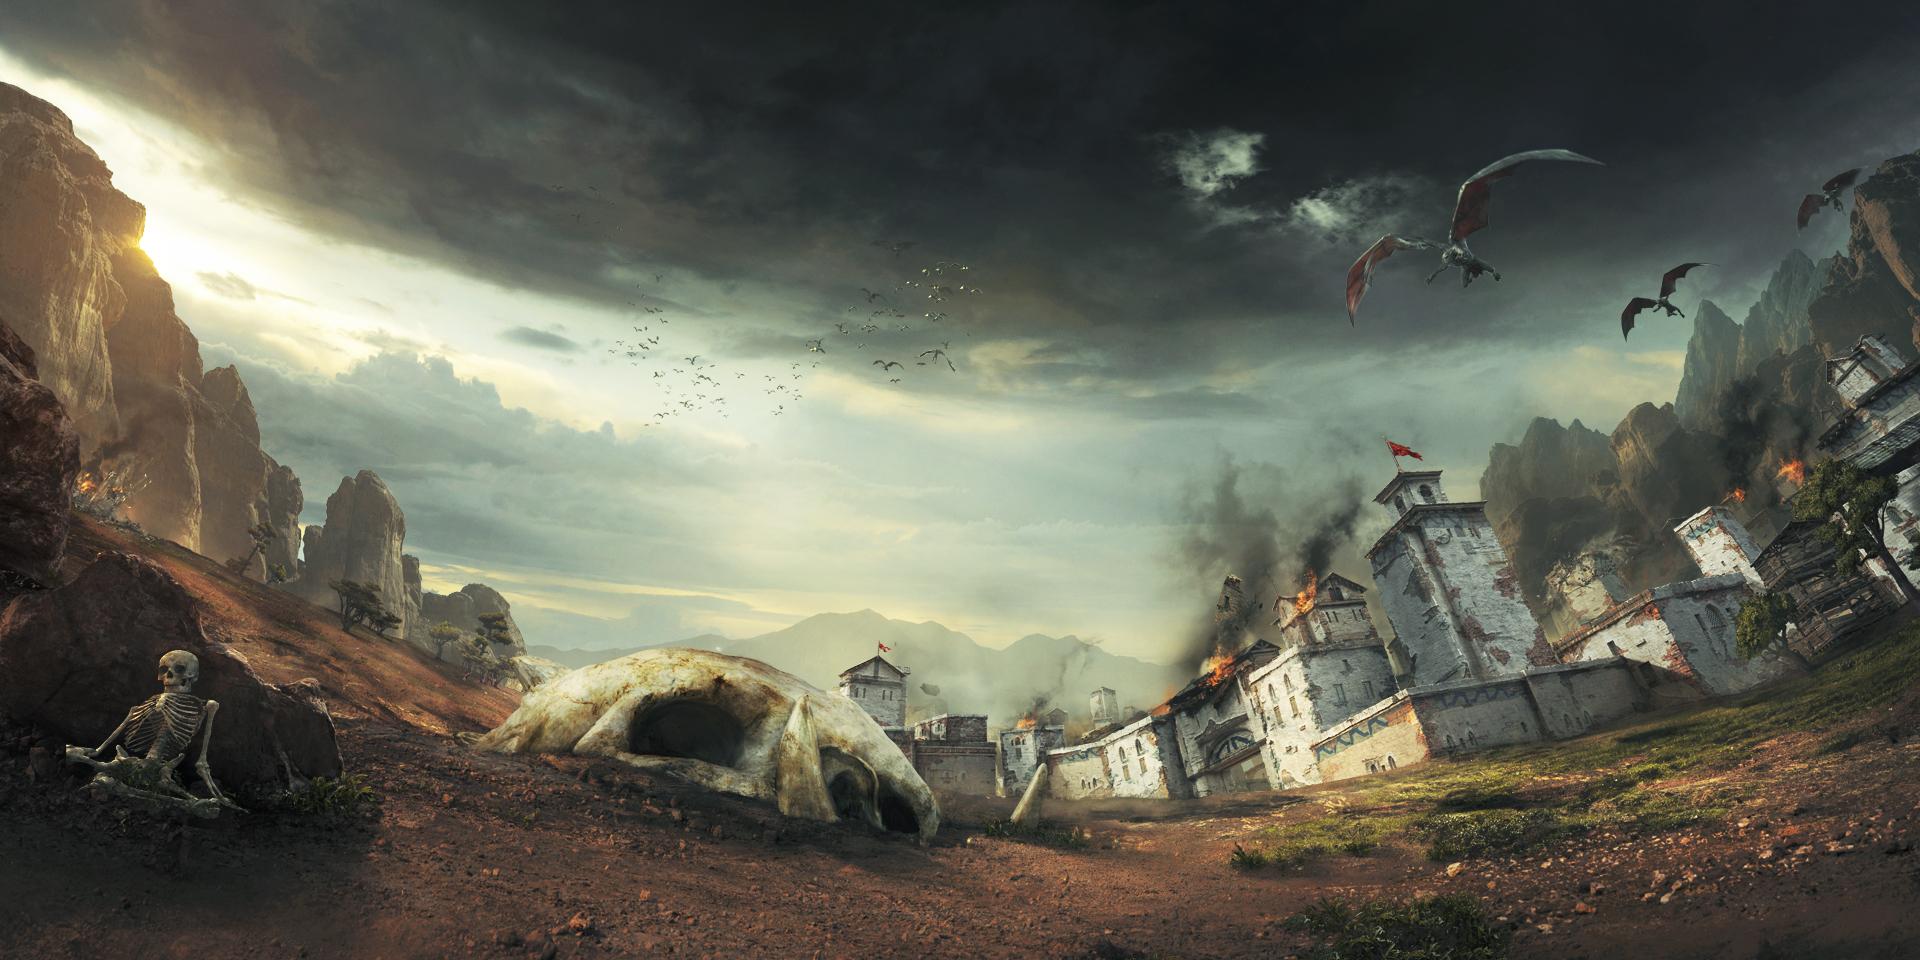 戦闘ゲームのプロ集団 Iron Galaxy が作り出す『Extinction』のファンタジーの世界